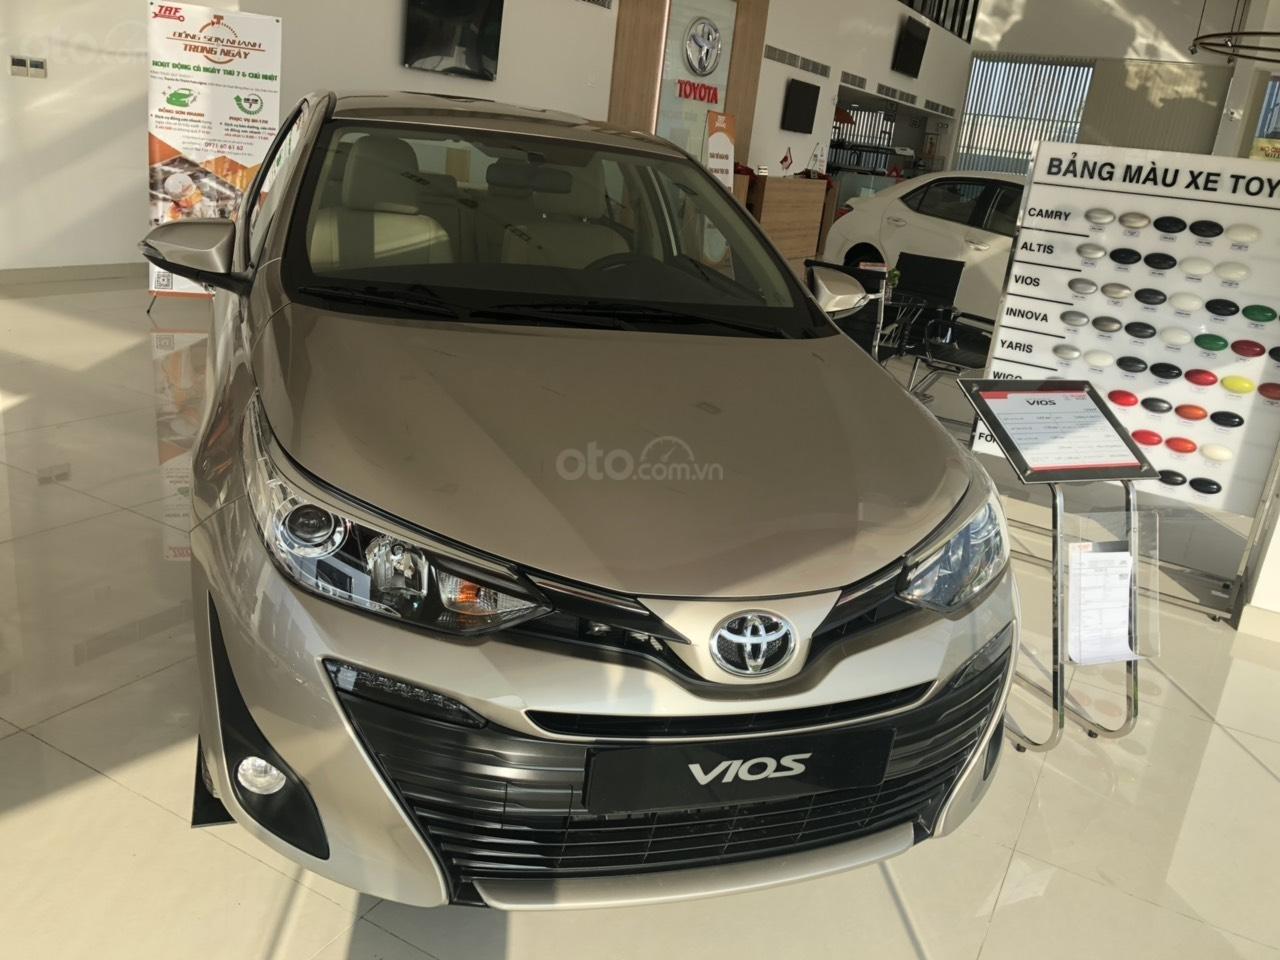 Bán xe Toyota 1.5G CVT sản xuất năm 2019, màu nâu giá cạnh tranh, hỗ trợ vay 85%, thanh toán 140tr nhận xe ngay-0